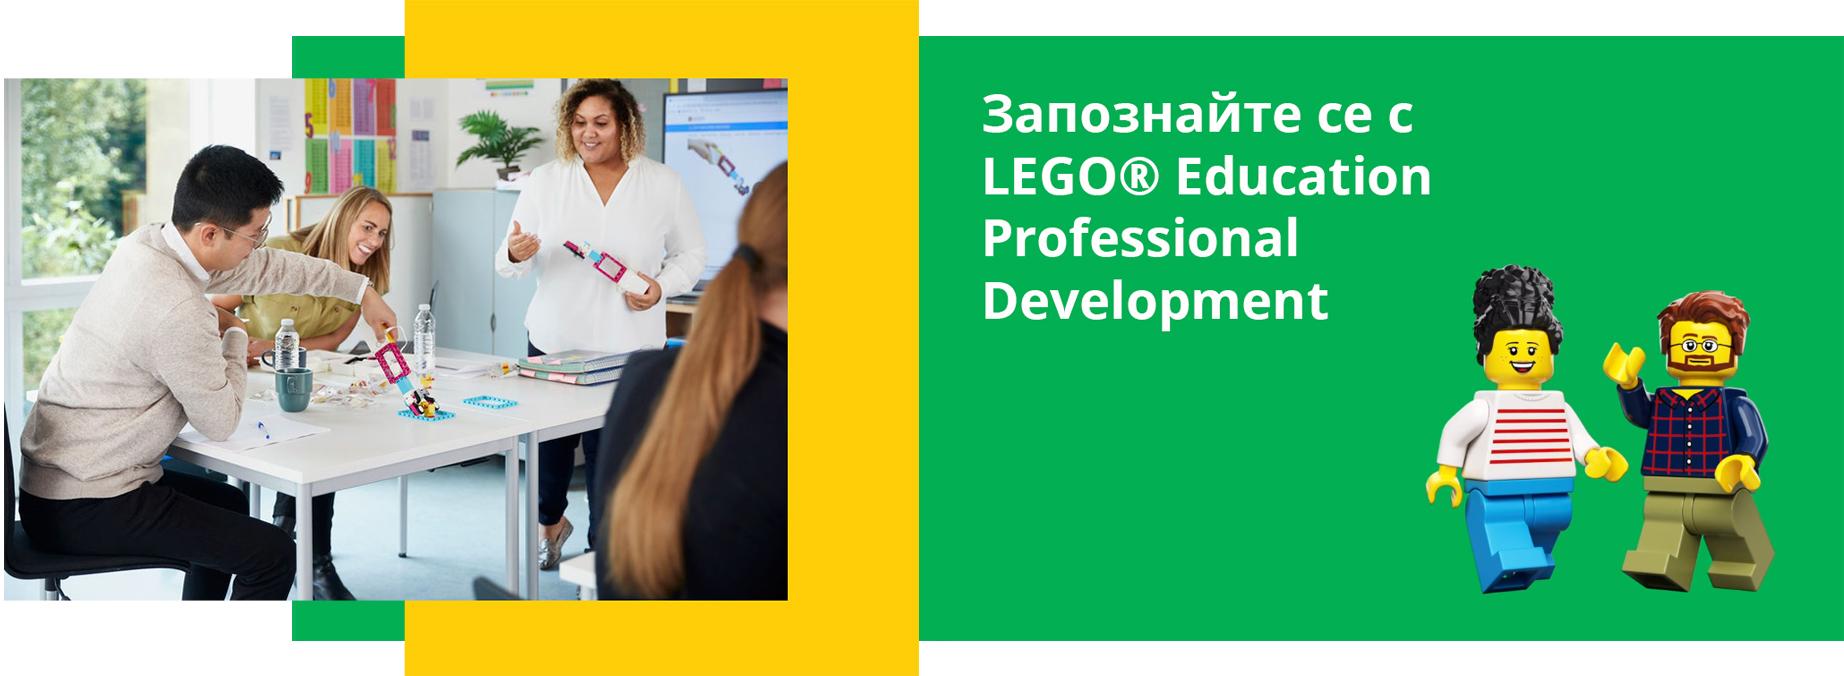 LEGO_profesional_dev_banner2